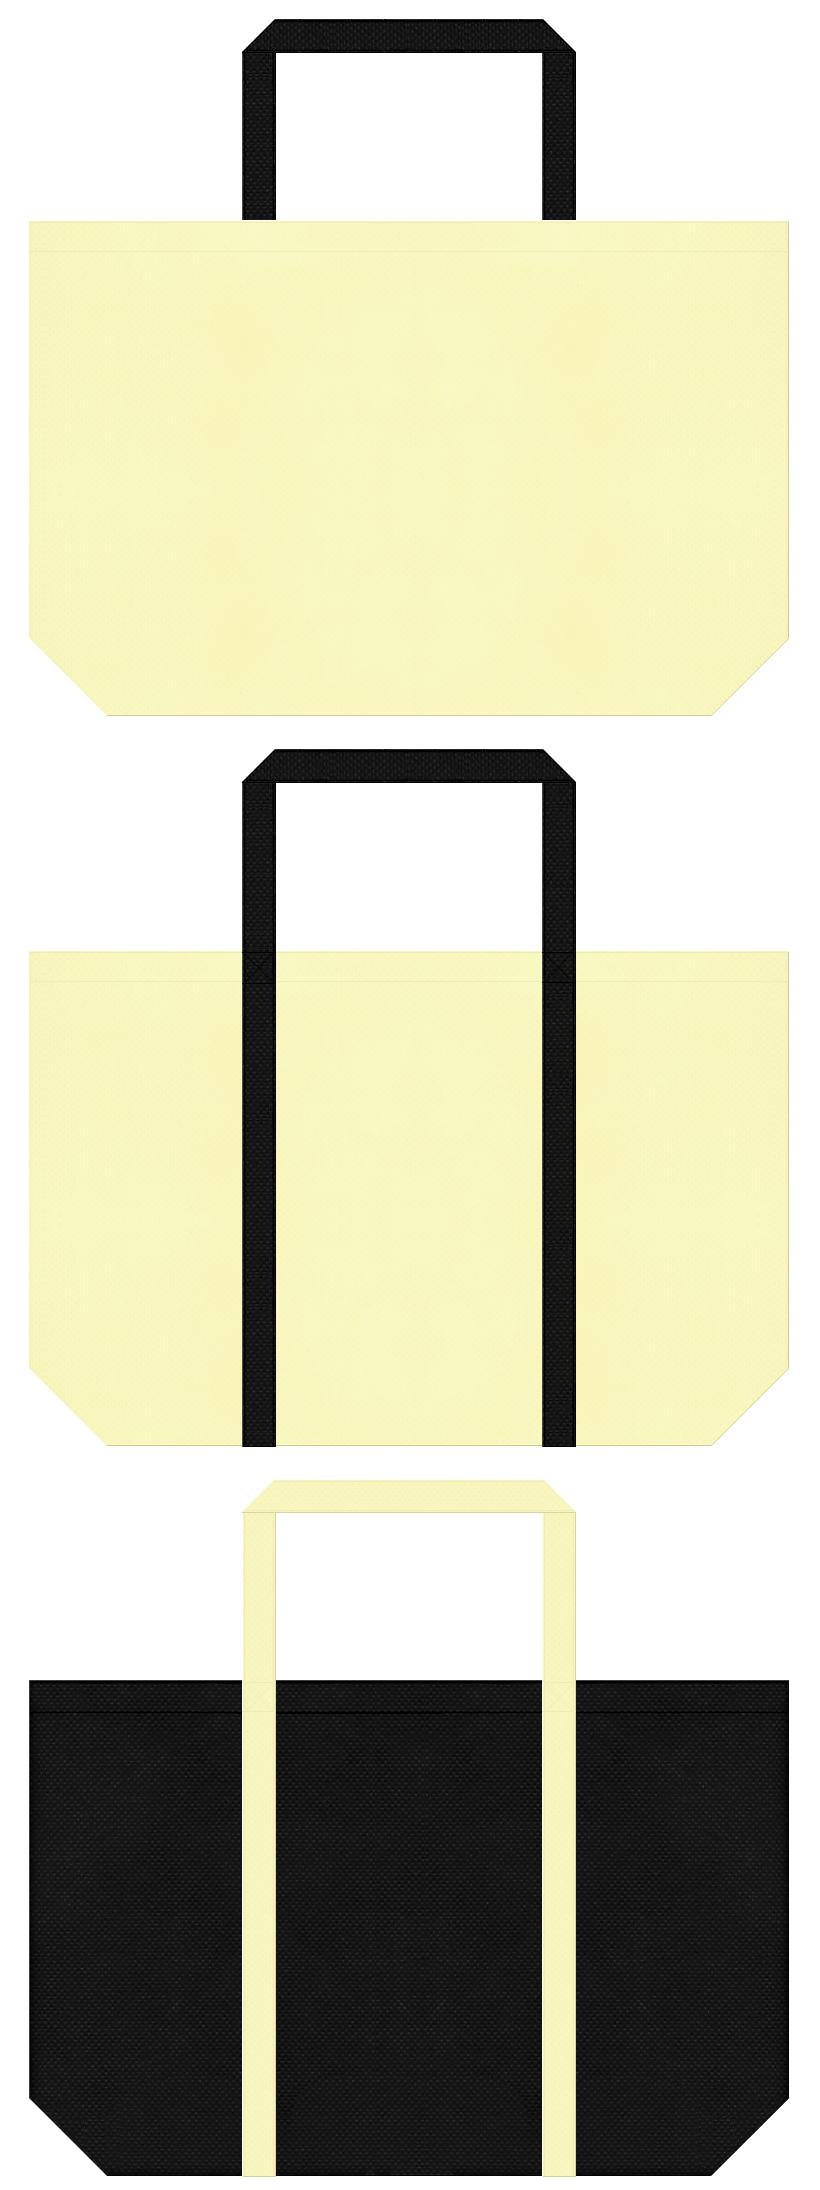 月光・月明かり・月見の宴・ゲーム・お城イベントにお奨めの不織布バッグデザイン:薄黄色と黒色のコーデ